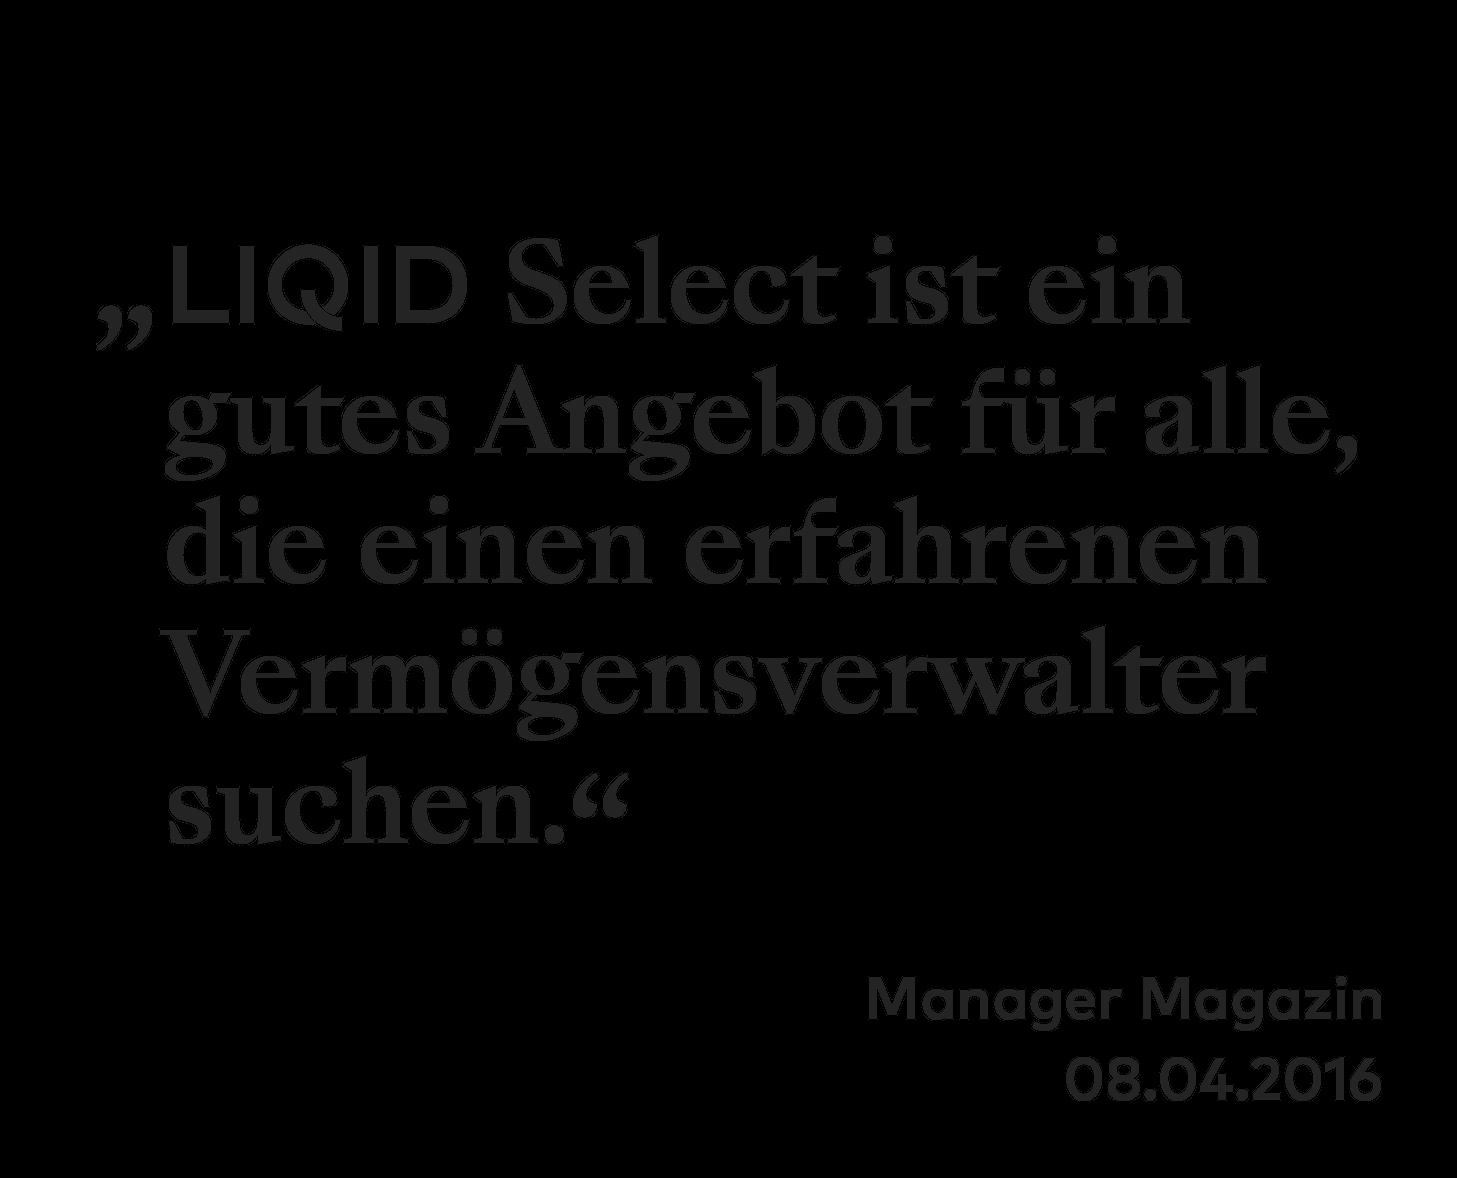 Manager-magazine